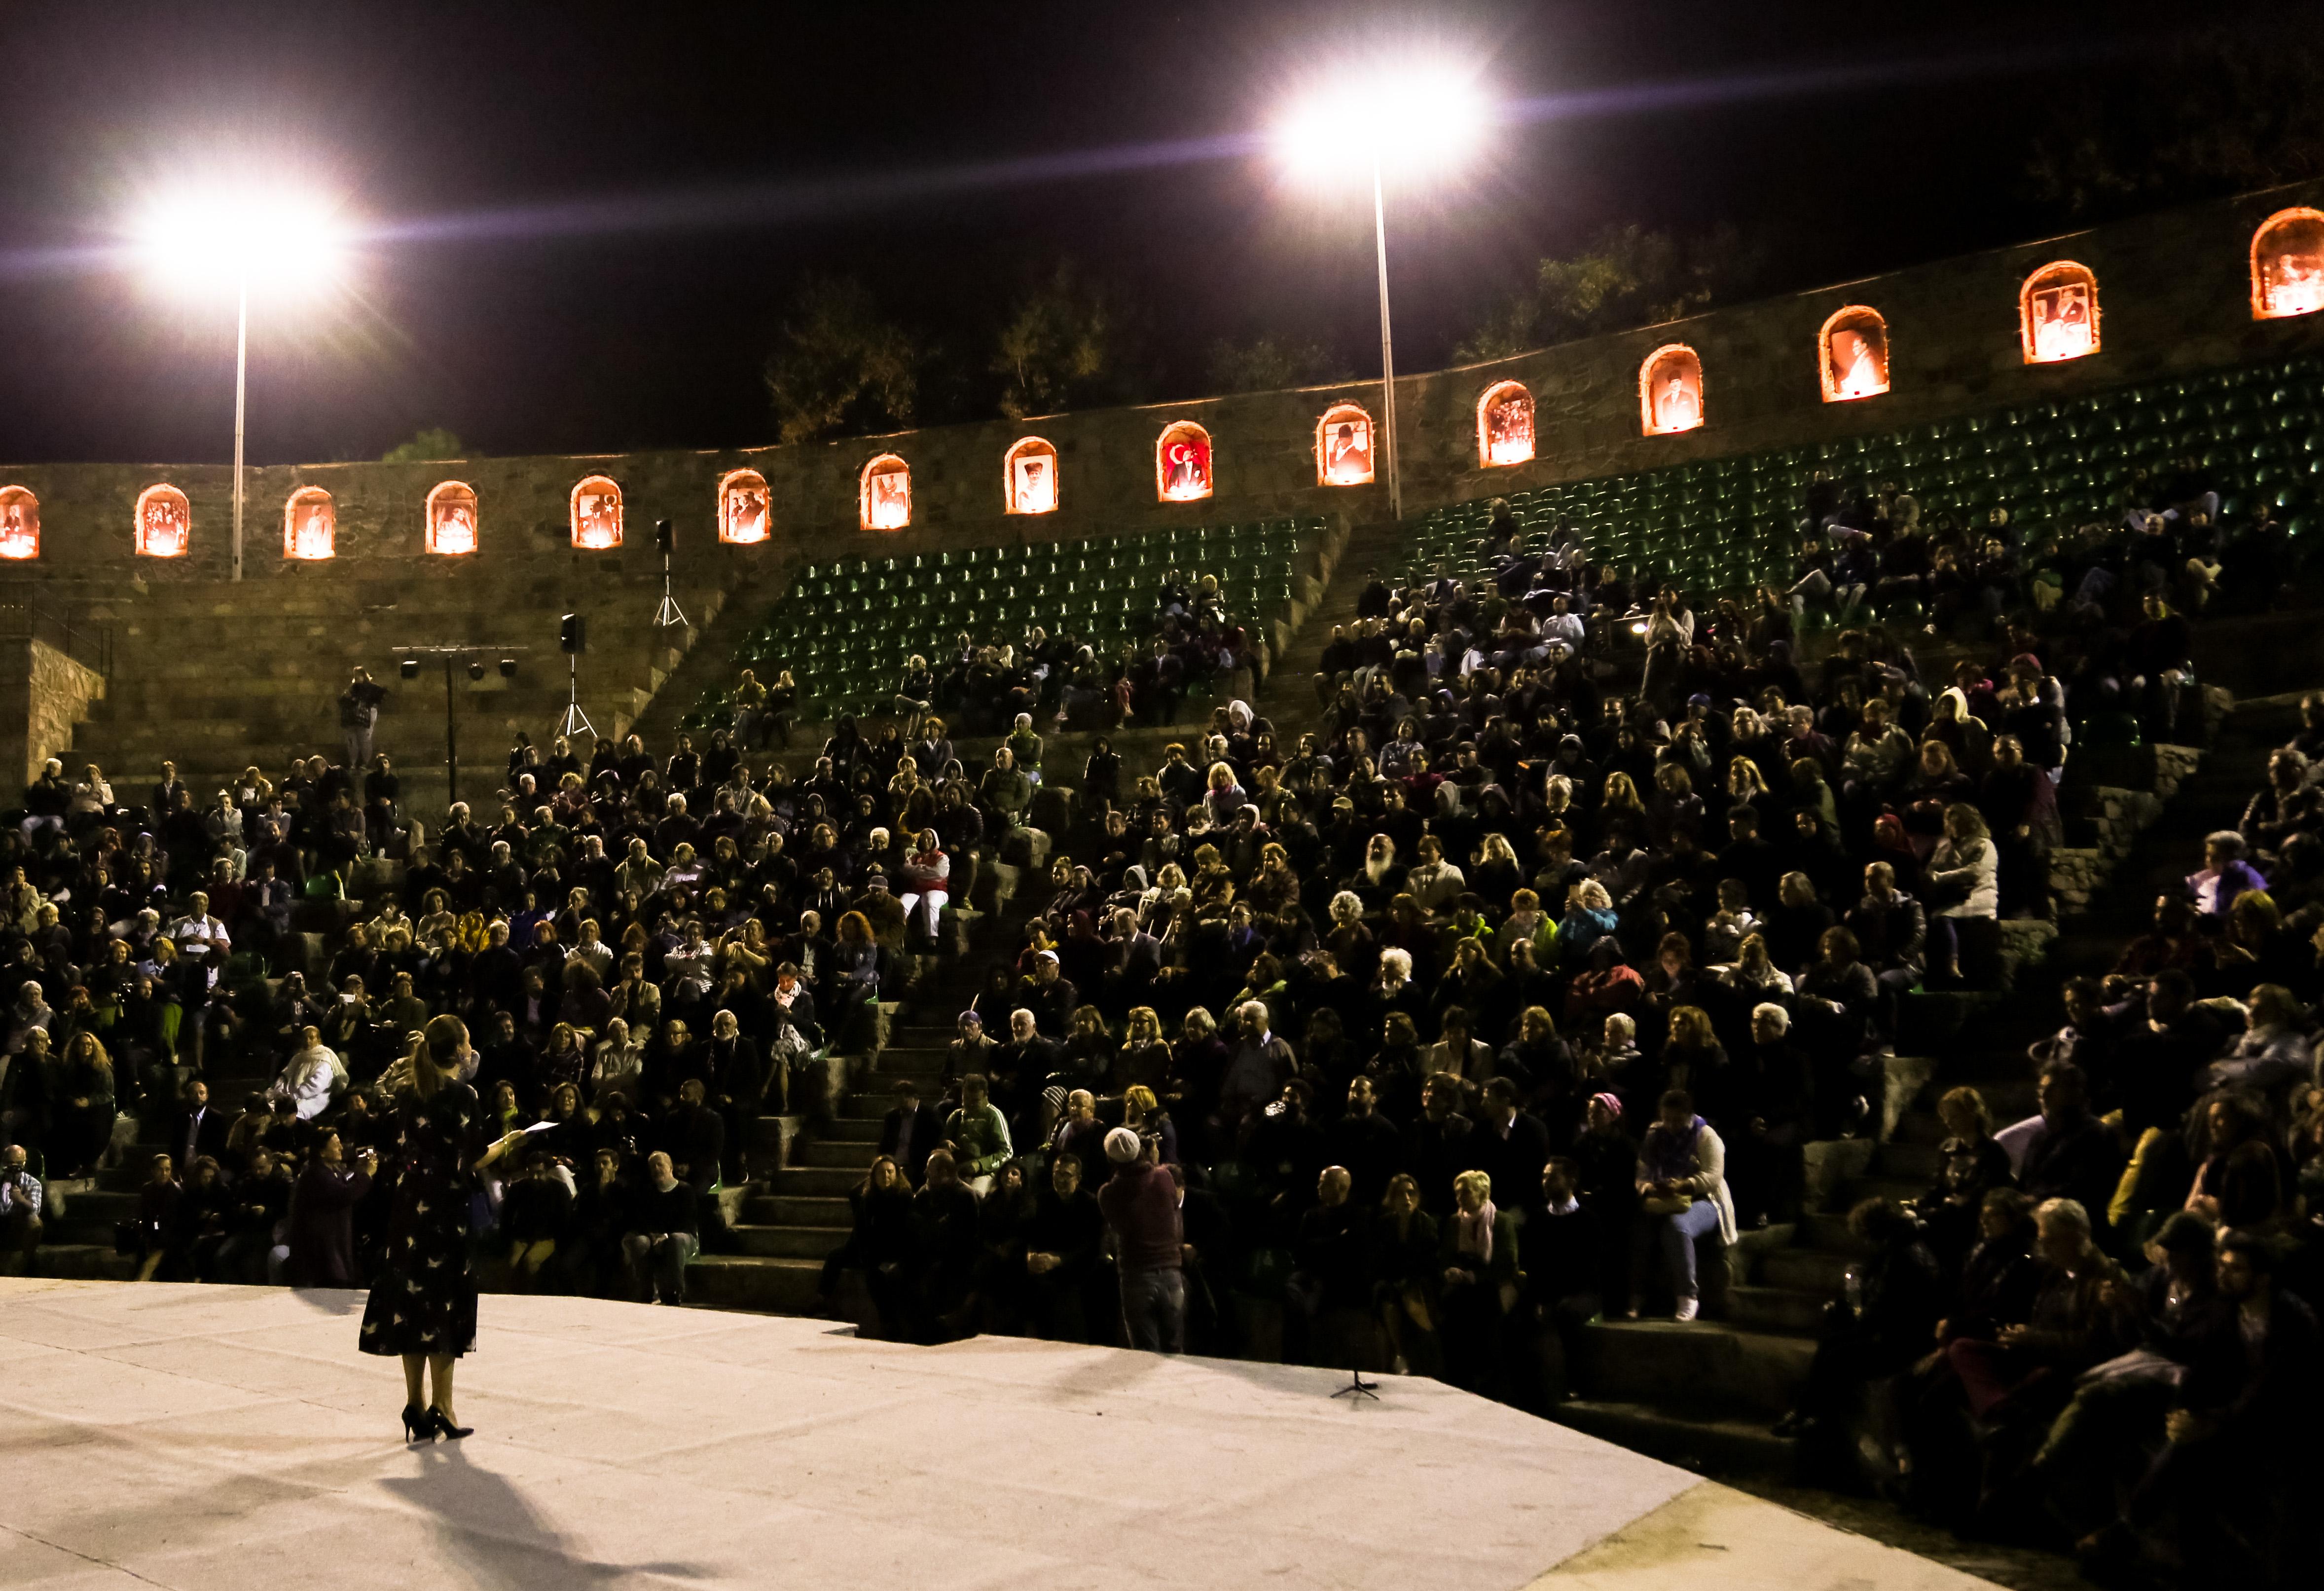 Başka Sinema Ayvalık Film Festivali açılış gecesi